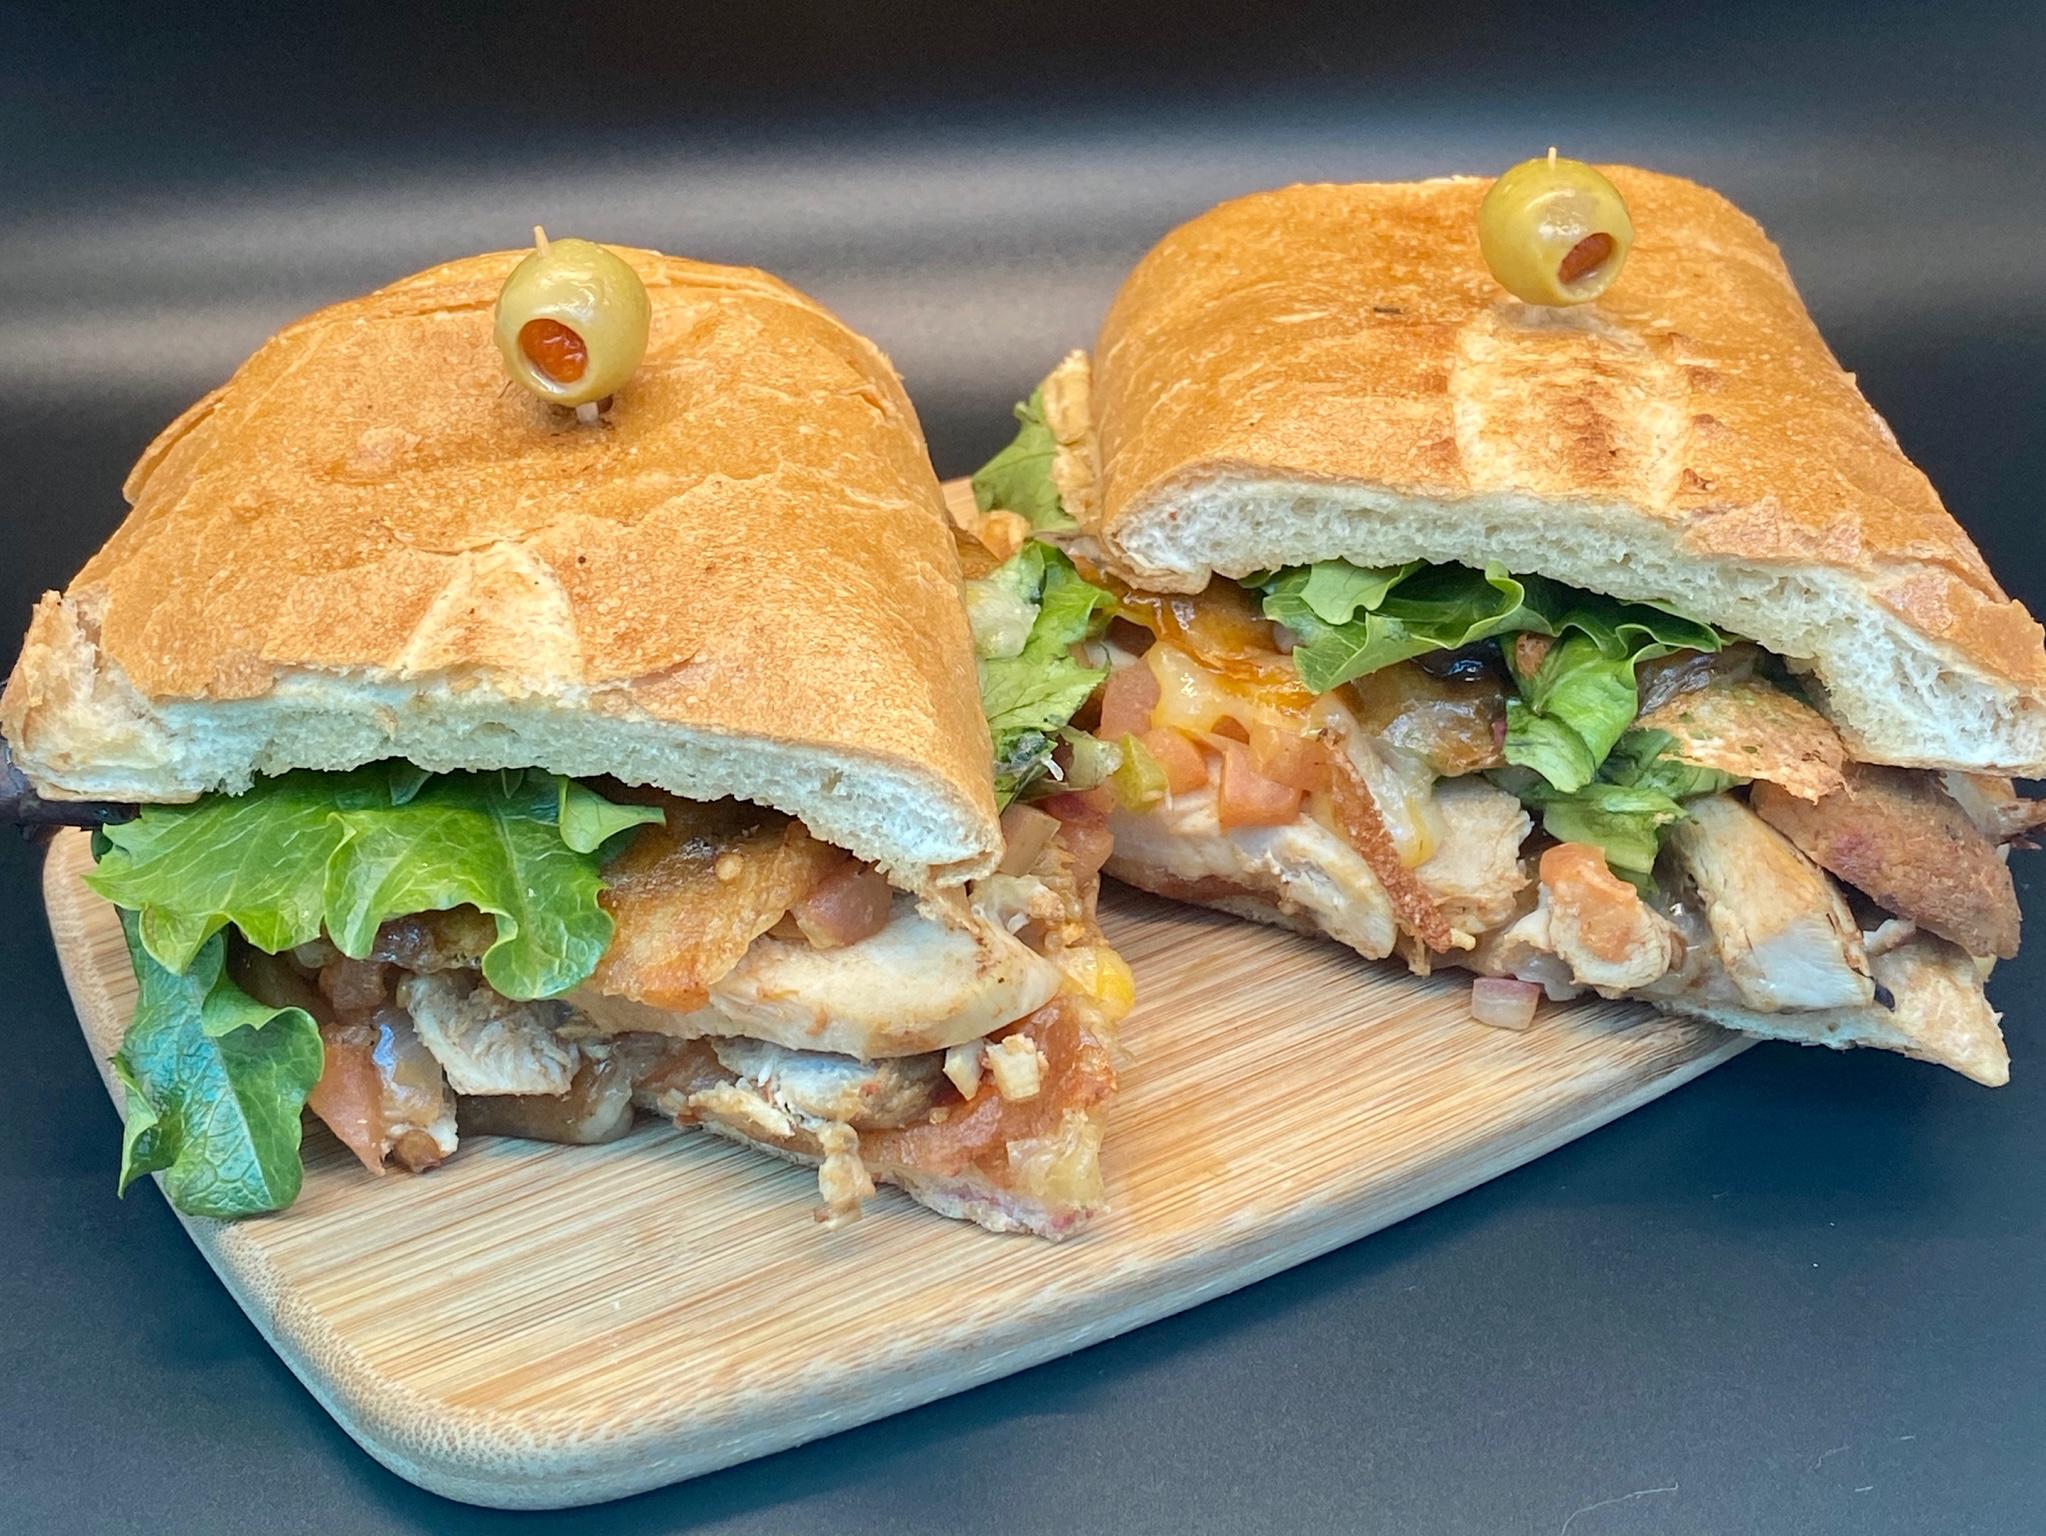 Brazuca's Sandwich